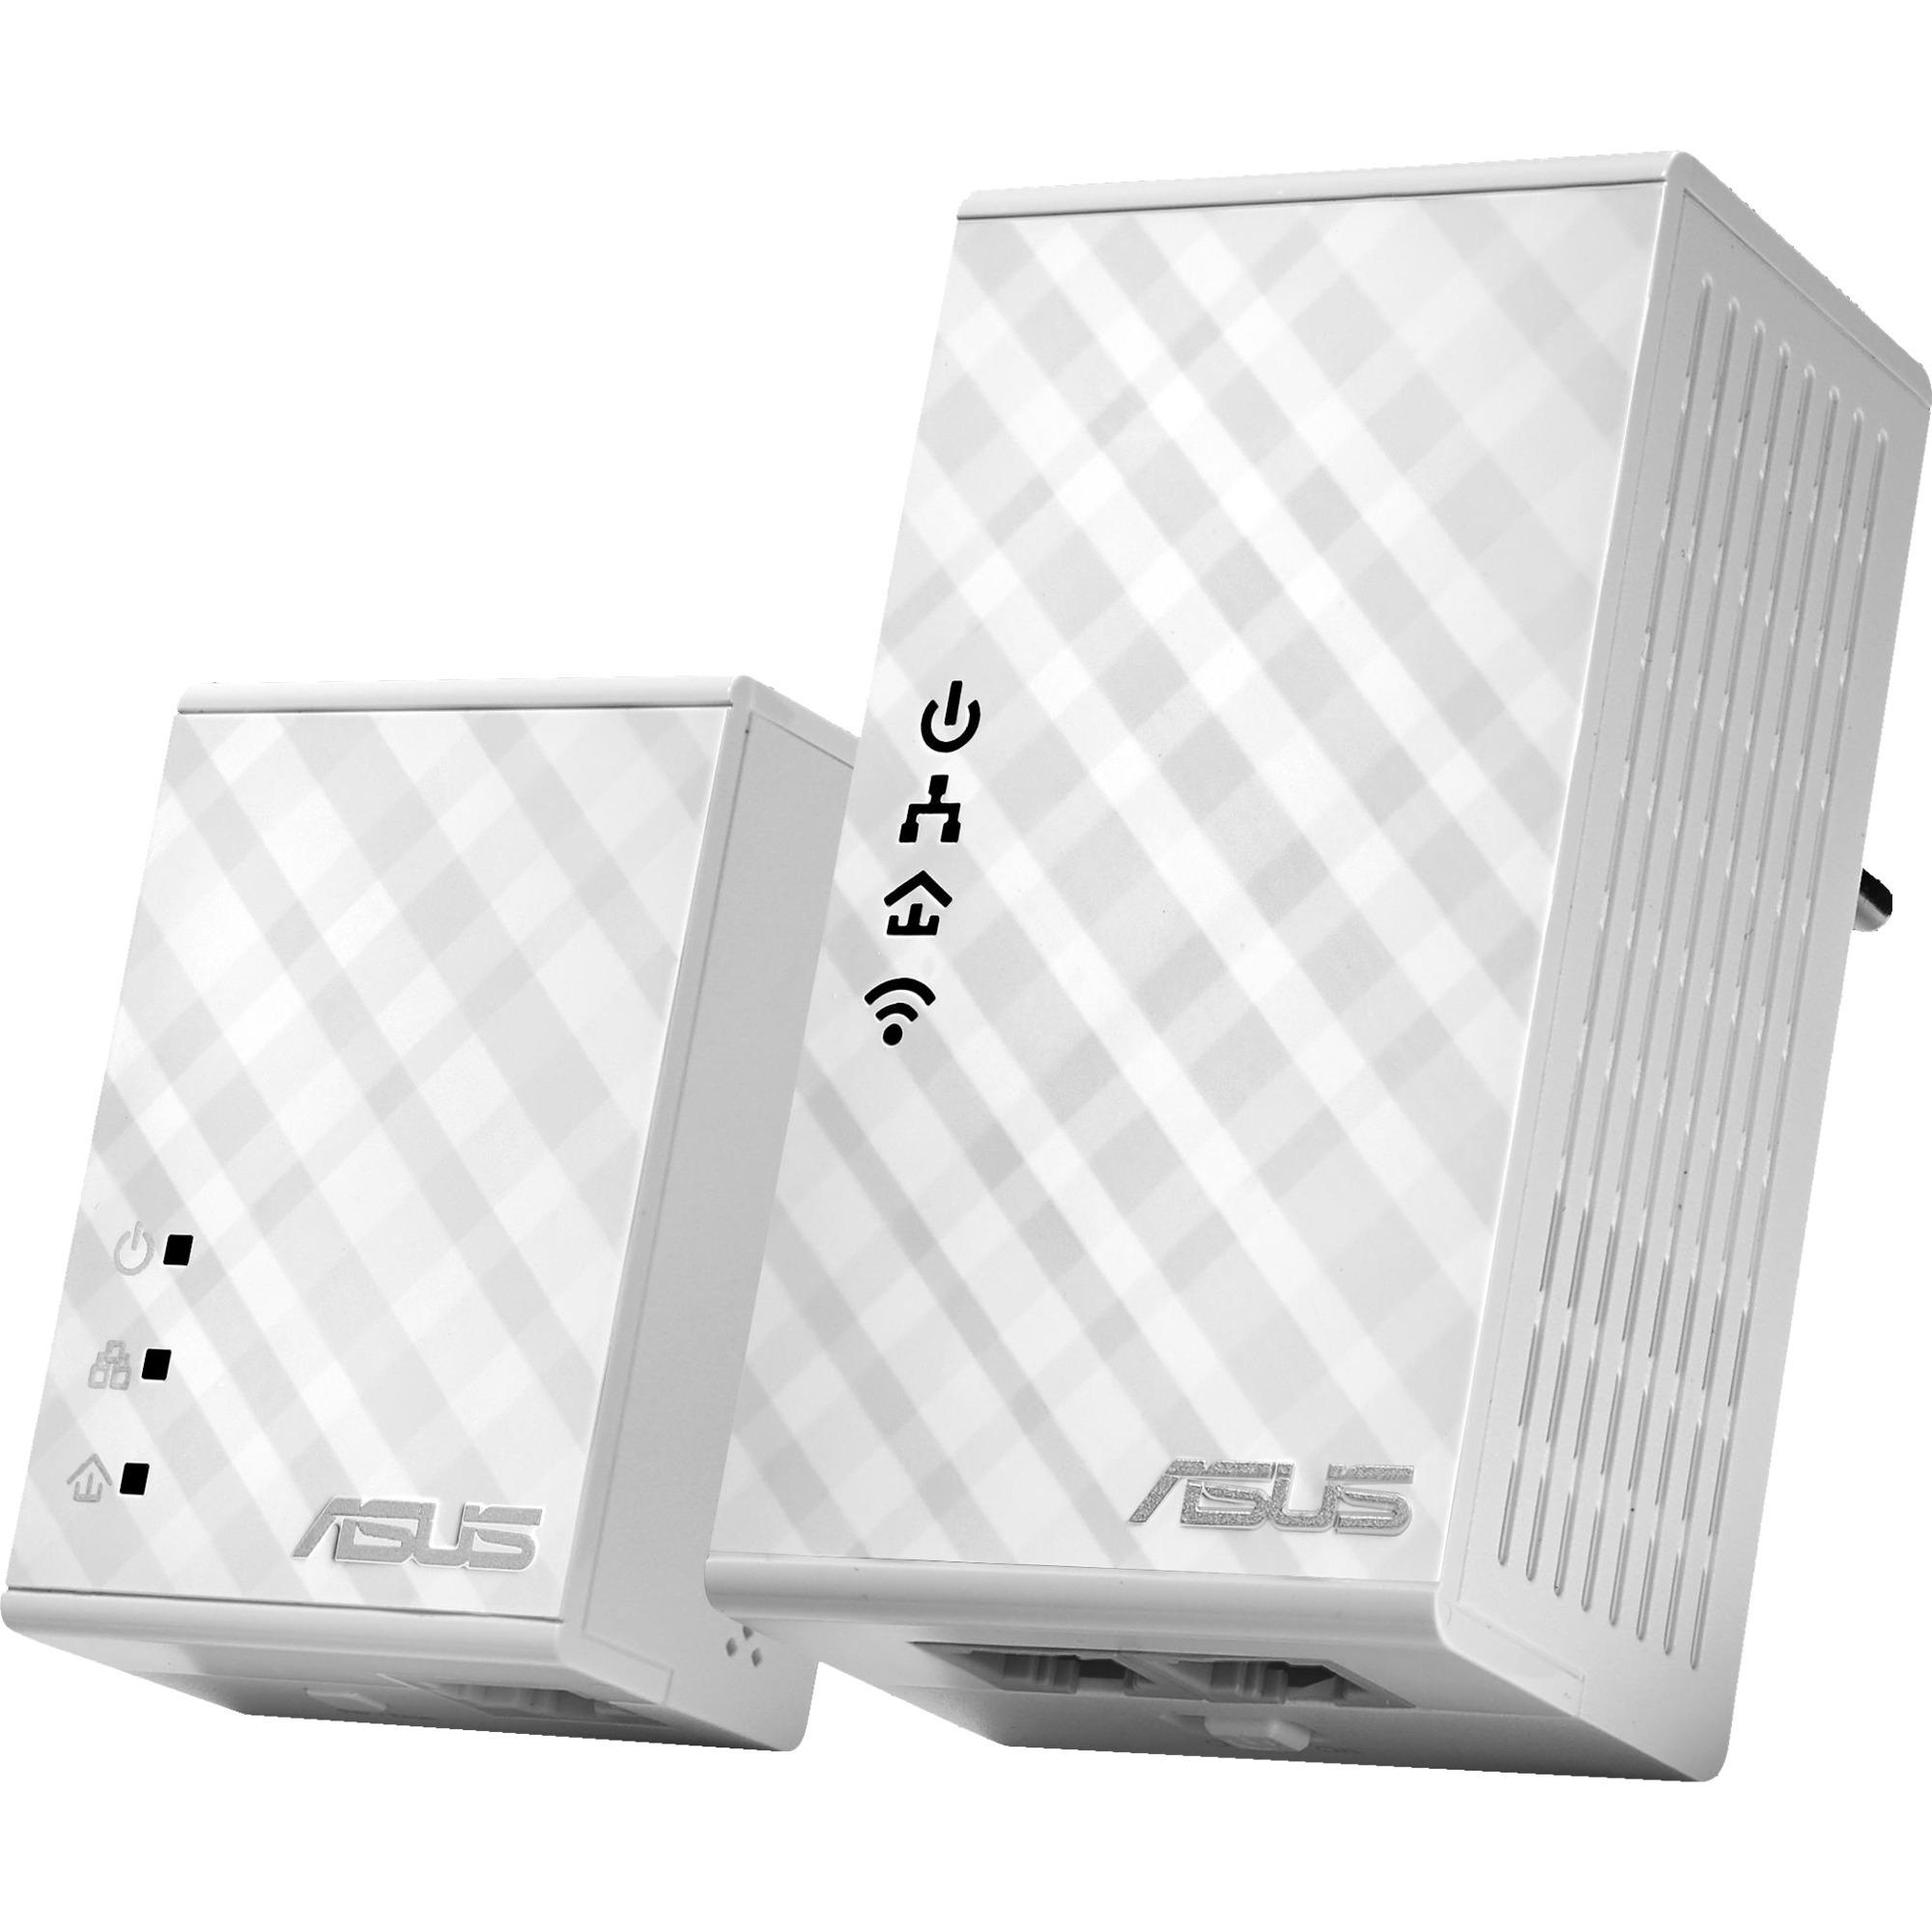 PL-N12 Kit 500 Mbit/s Ethernet Wifi Blanco 2 pieza(s), PowerLAN